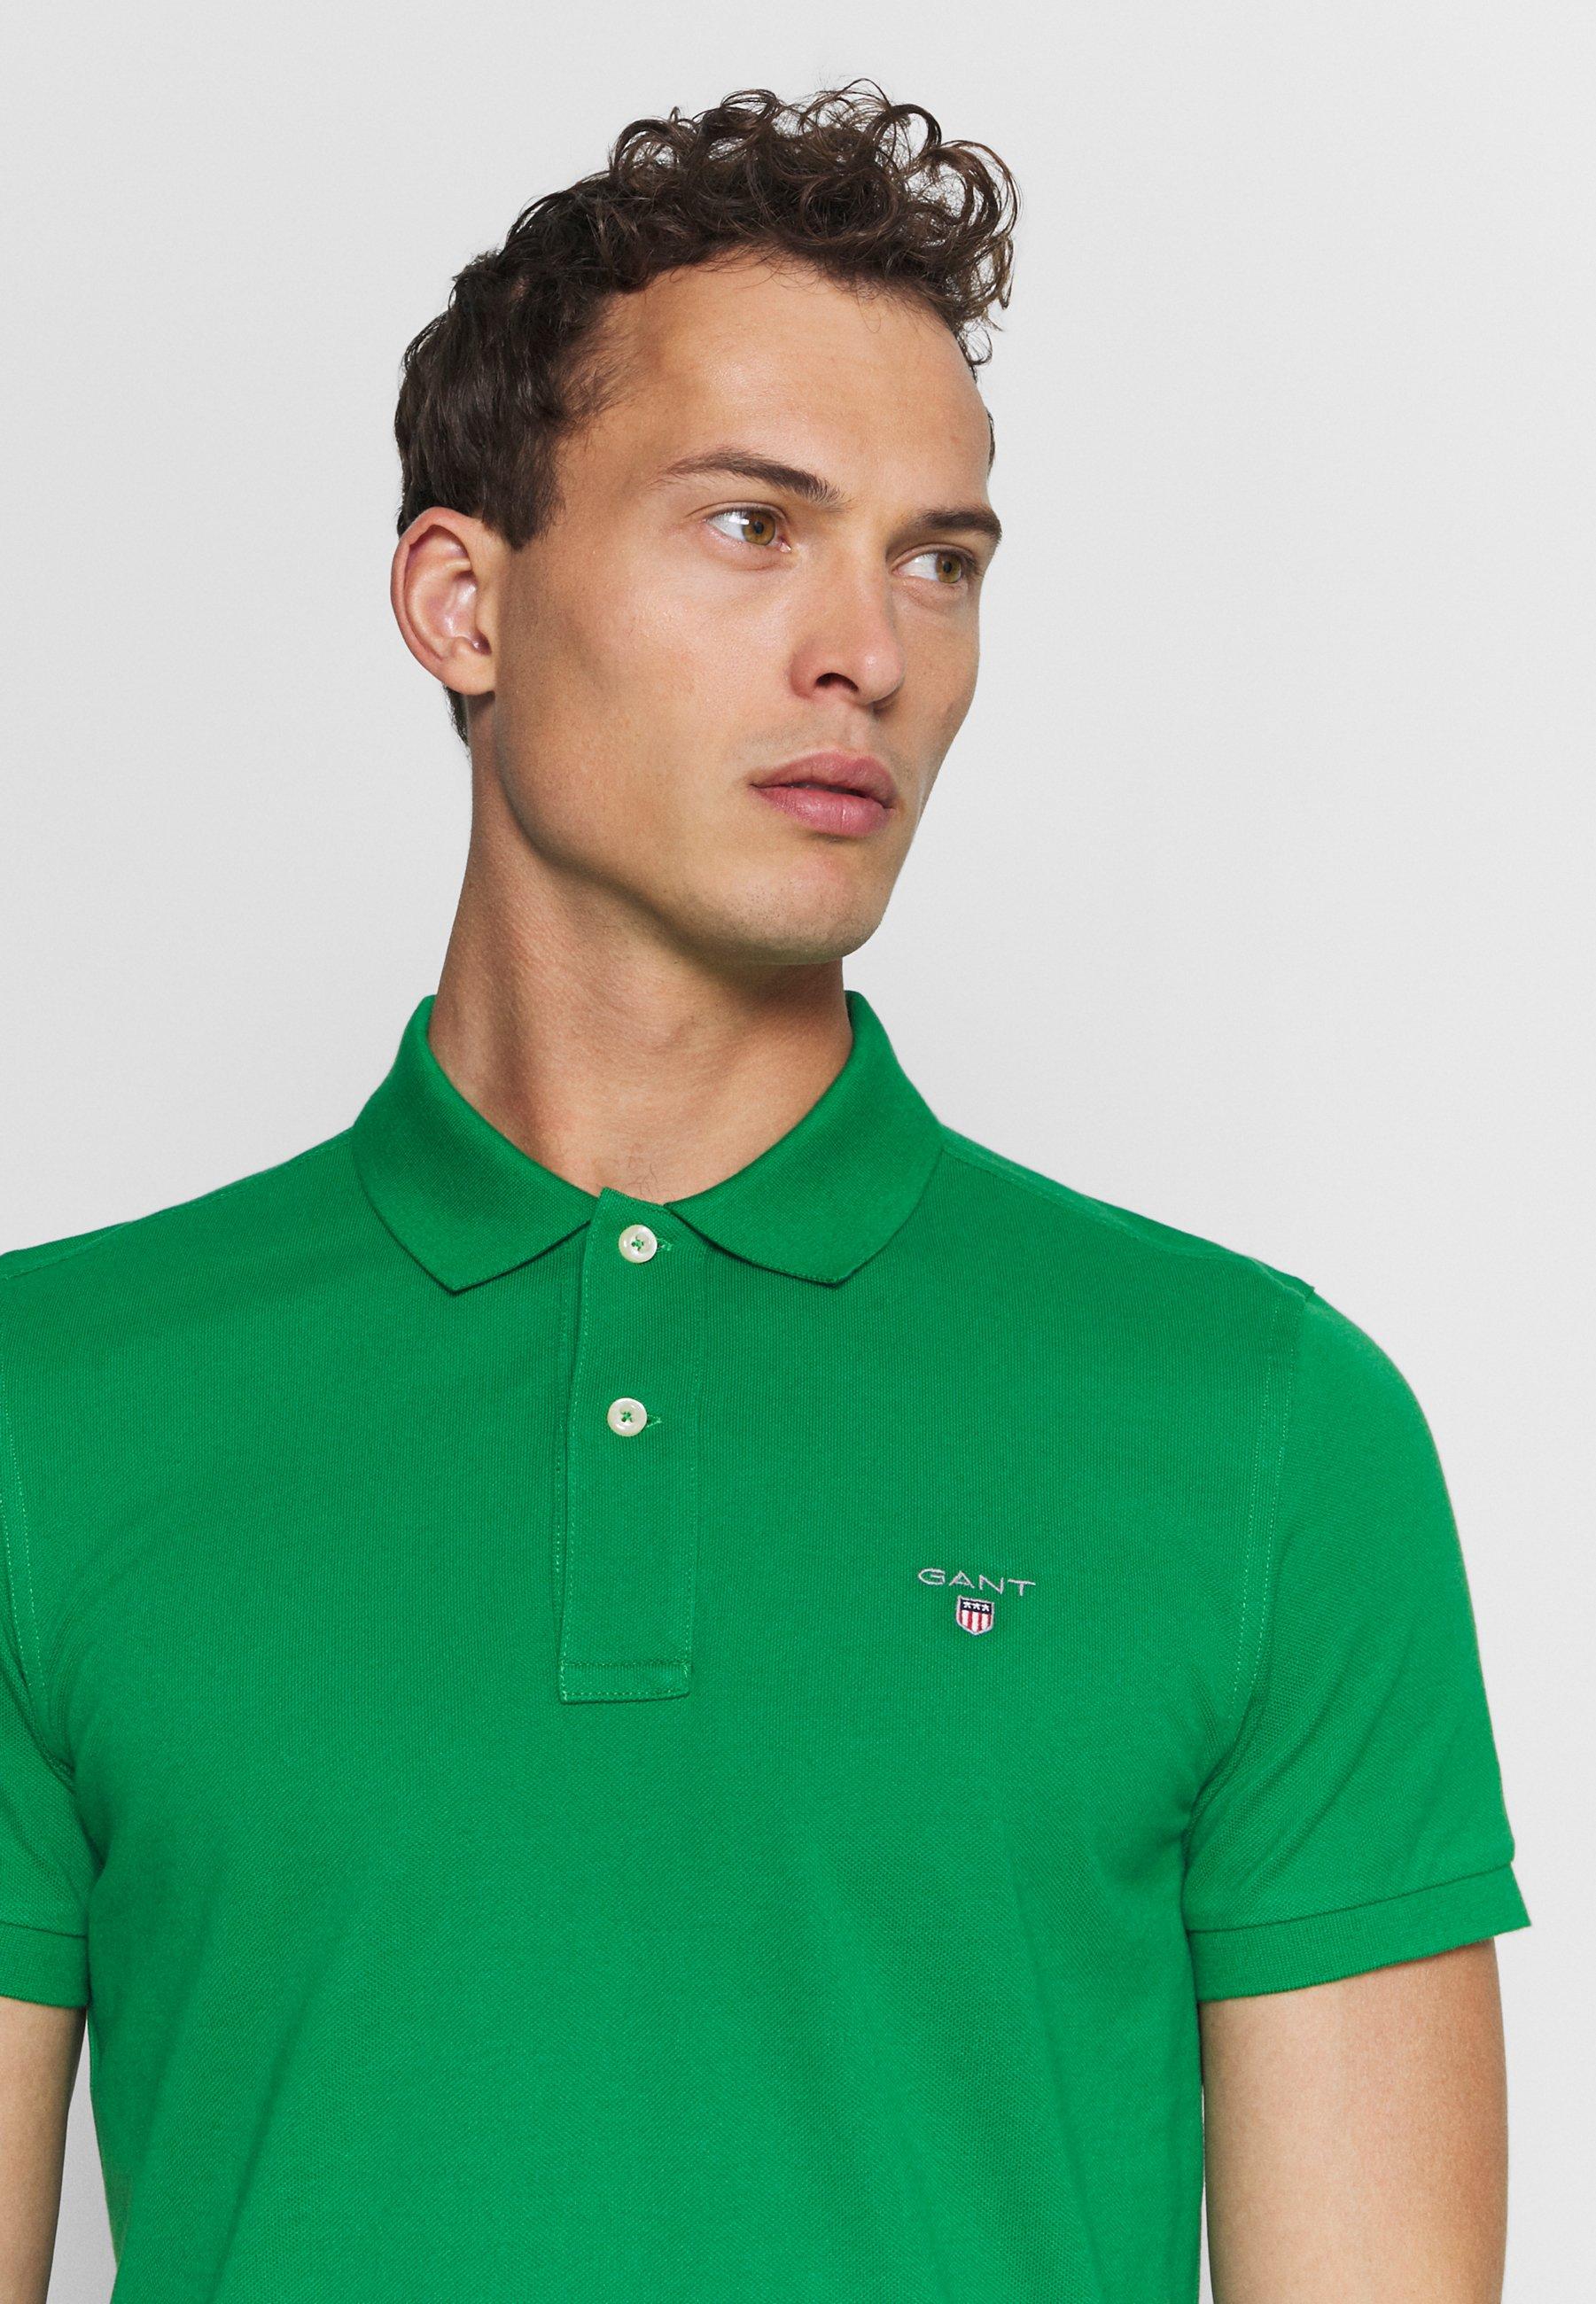 Gant The Original Rugger - Poloskjorter Green/grønn